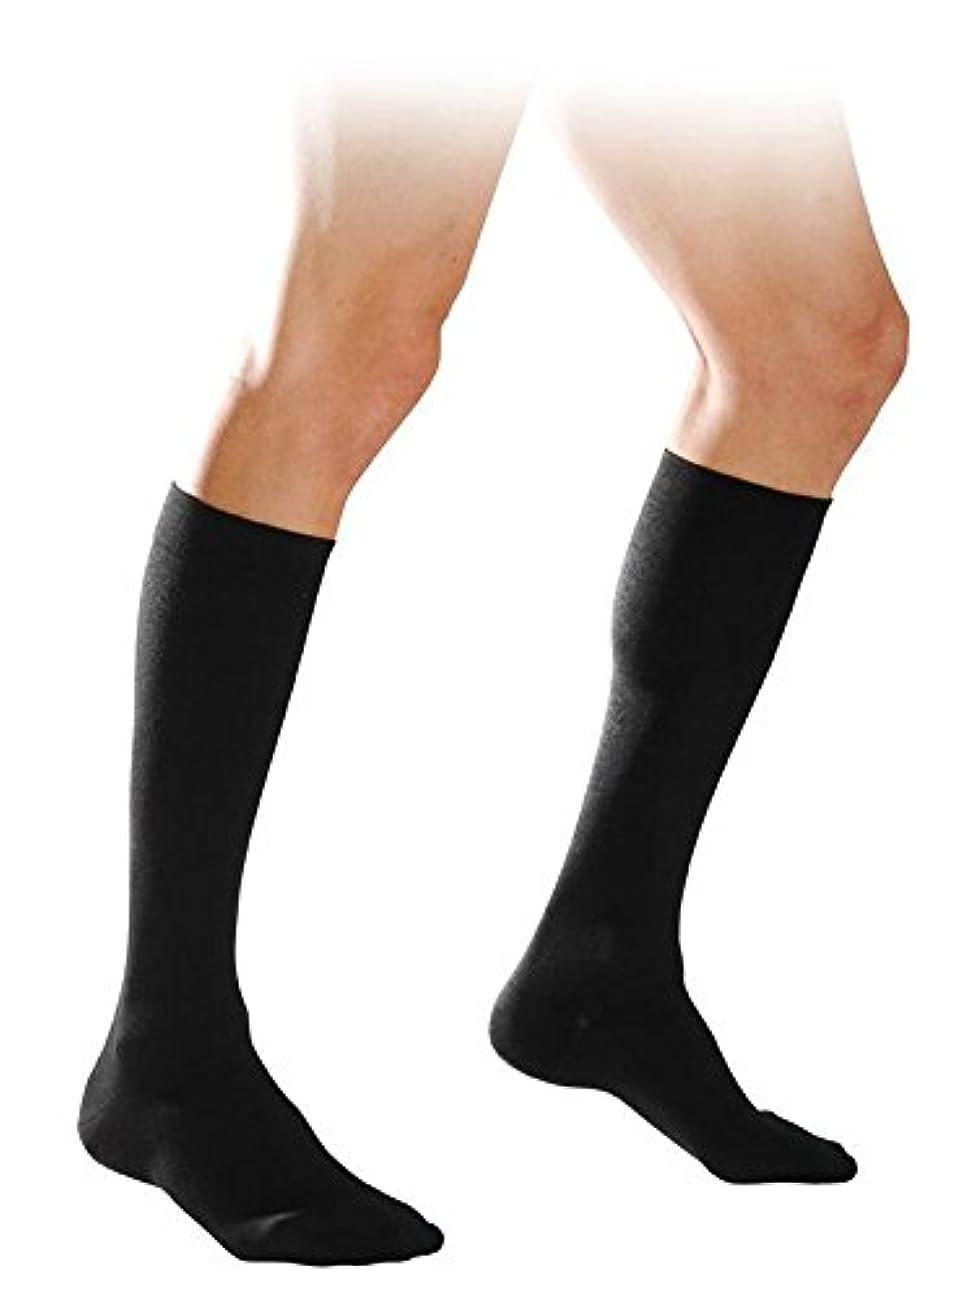 ストリーム機関惨めな【エコノミー症候群予防】男性用 着圧ソックス (L, ブラック)